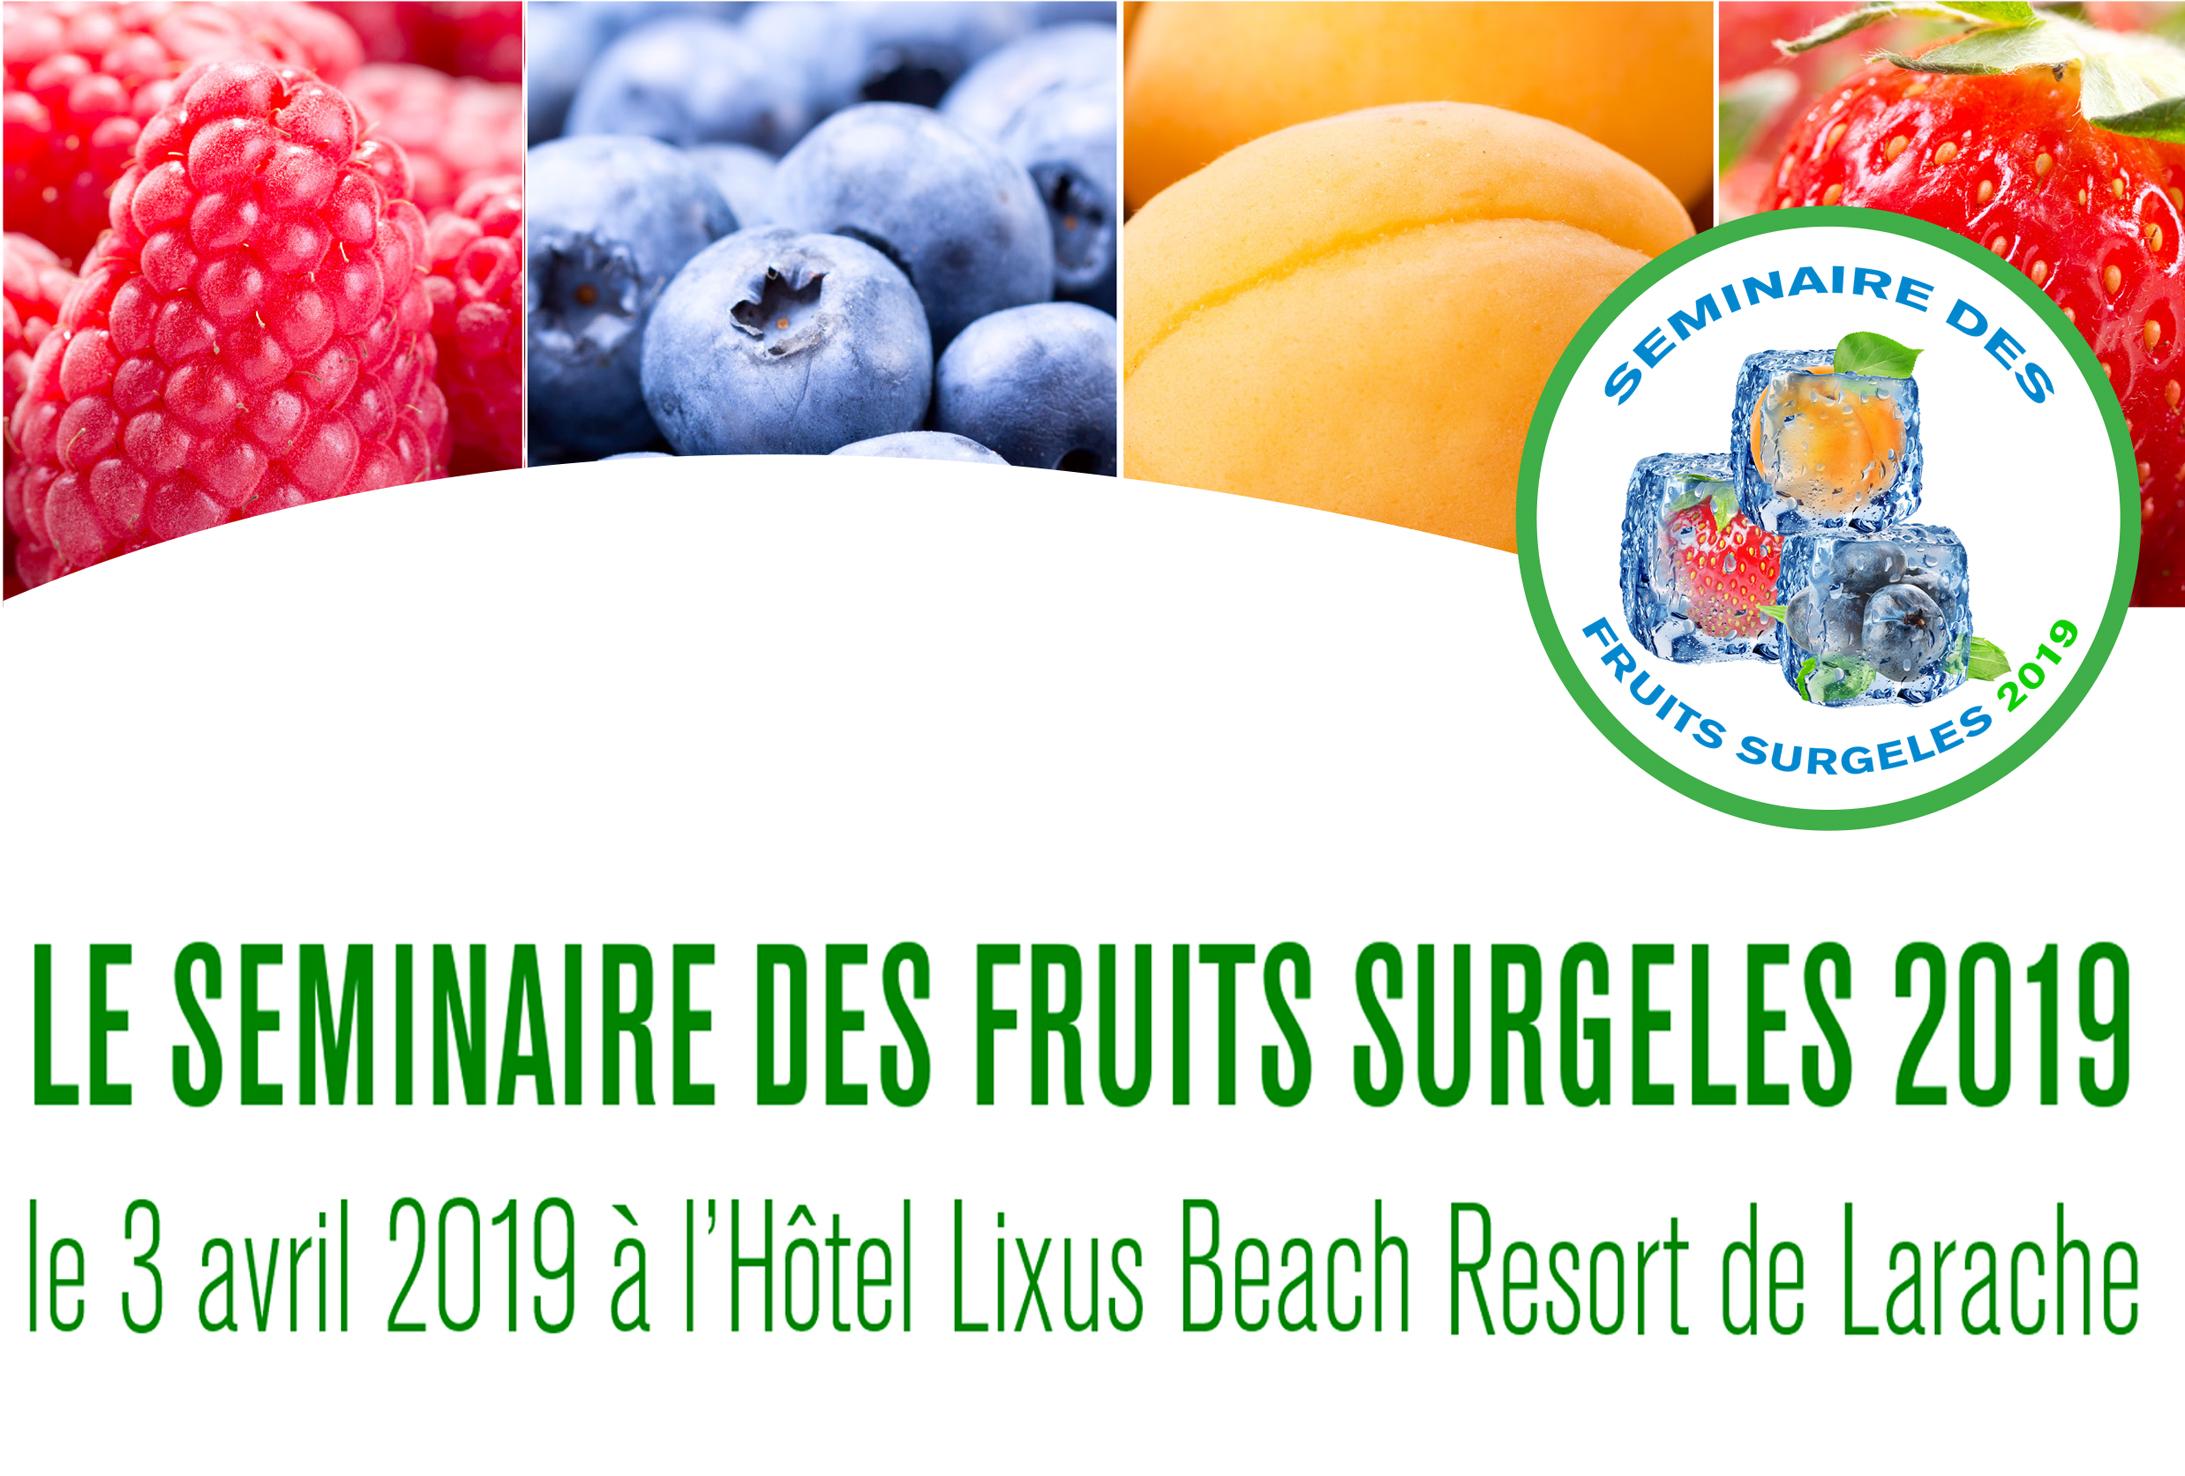 INVITATION: SÉMINAIRE DES FRUITS SURGELÉS 2019